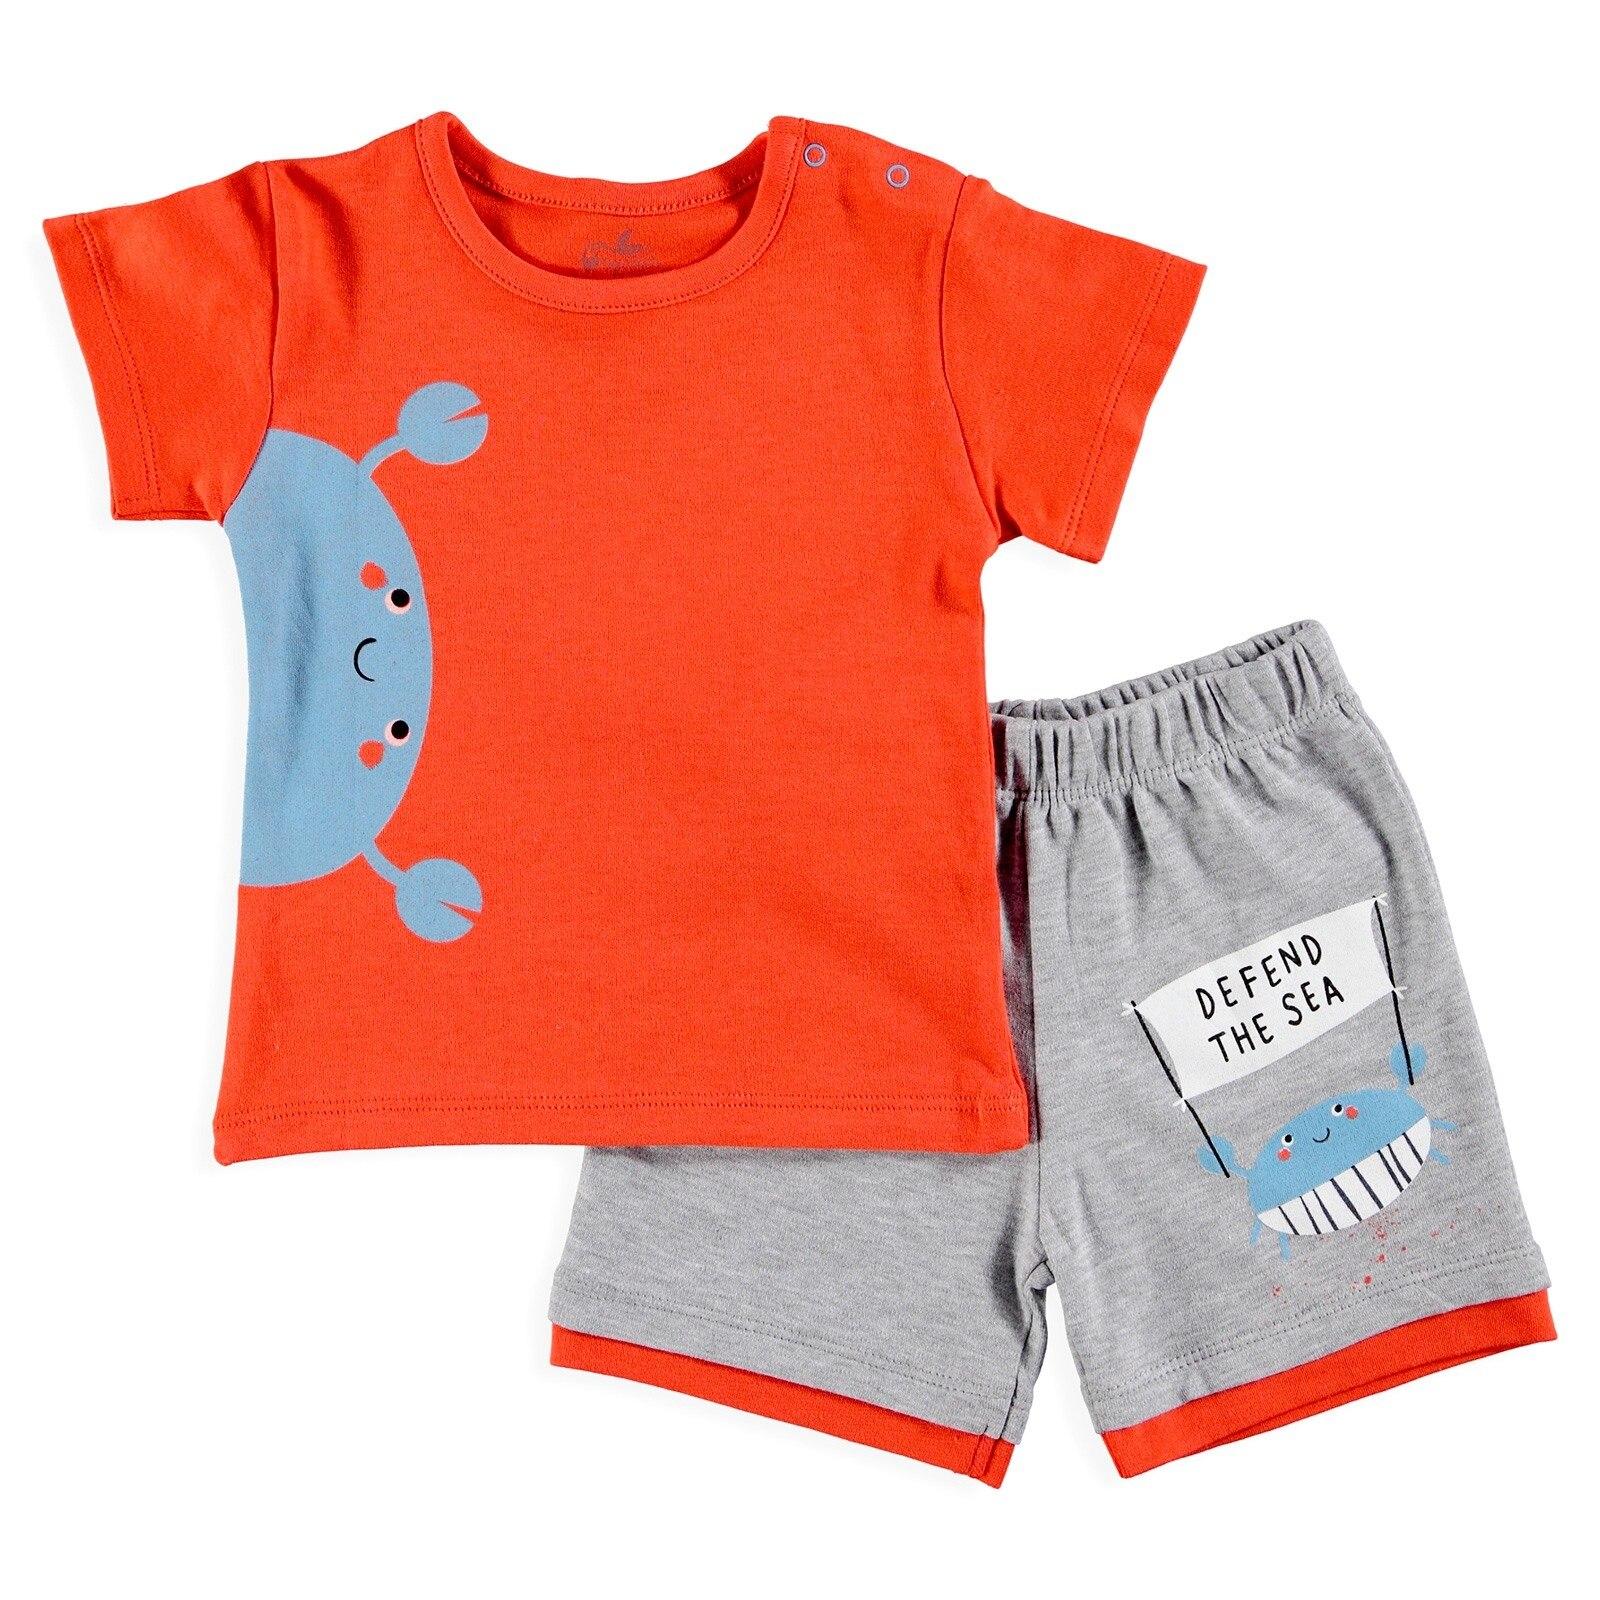 Ebebek Newborn Fashion Club Baby Boy Fun Summer Tshirt Short Set